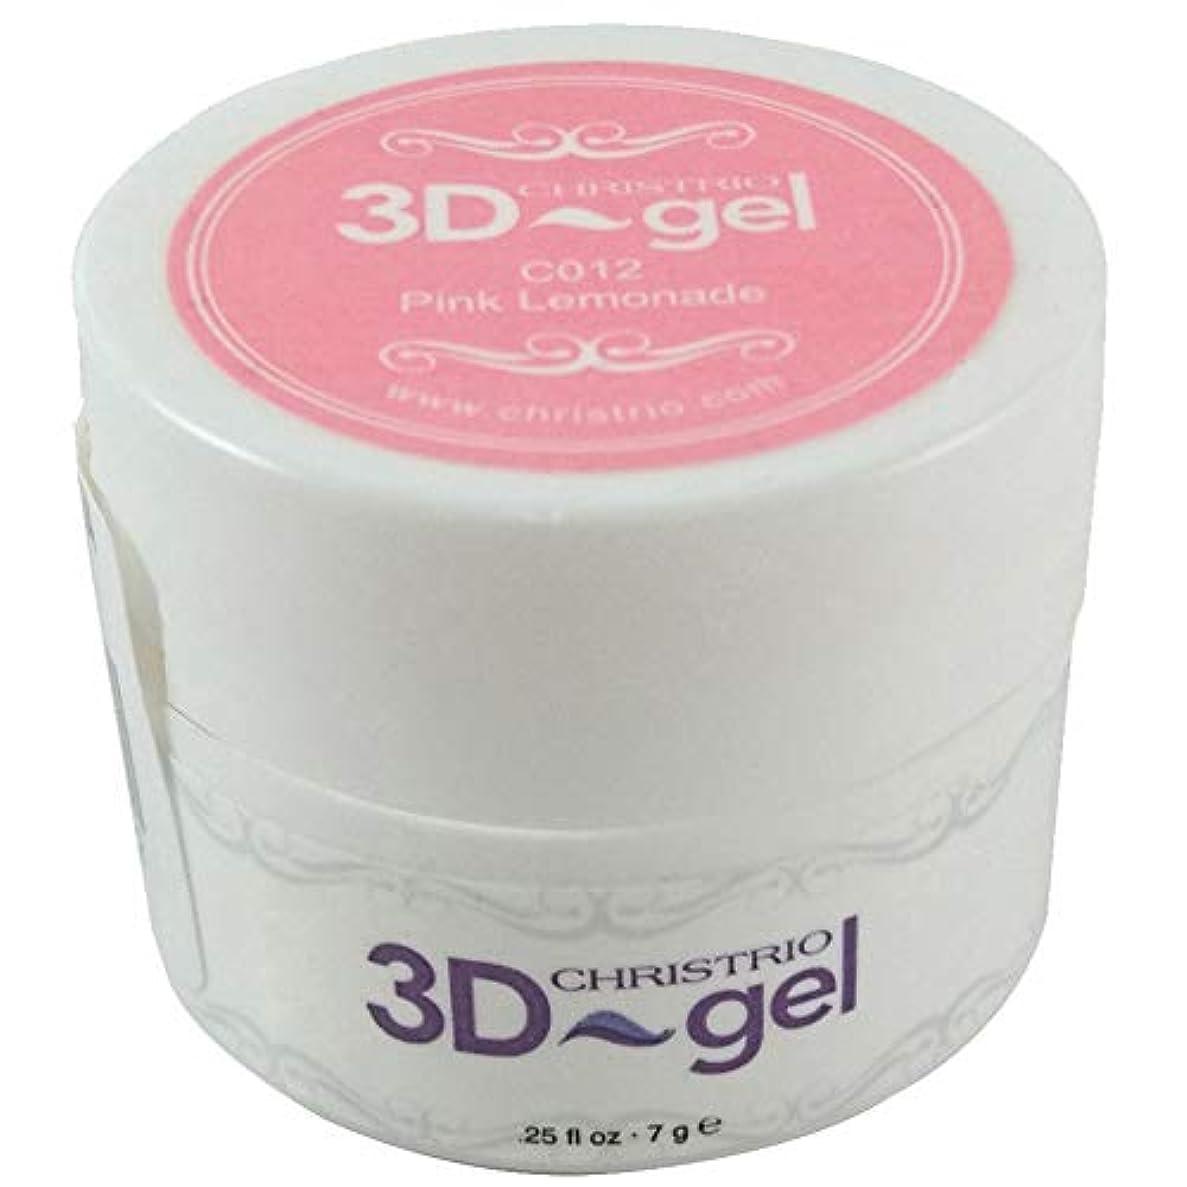 ダーリン側面実質的にCHRISTRIO 3Dジェル 7g C012 ピンクレモネード